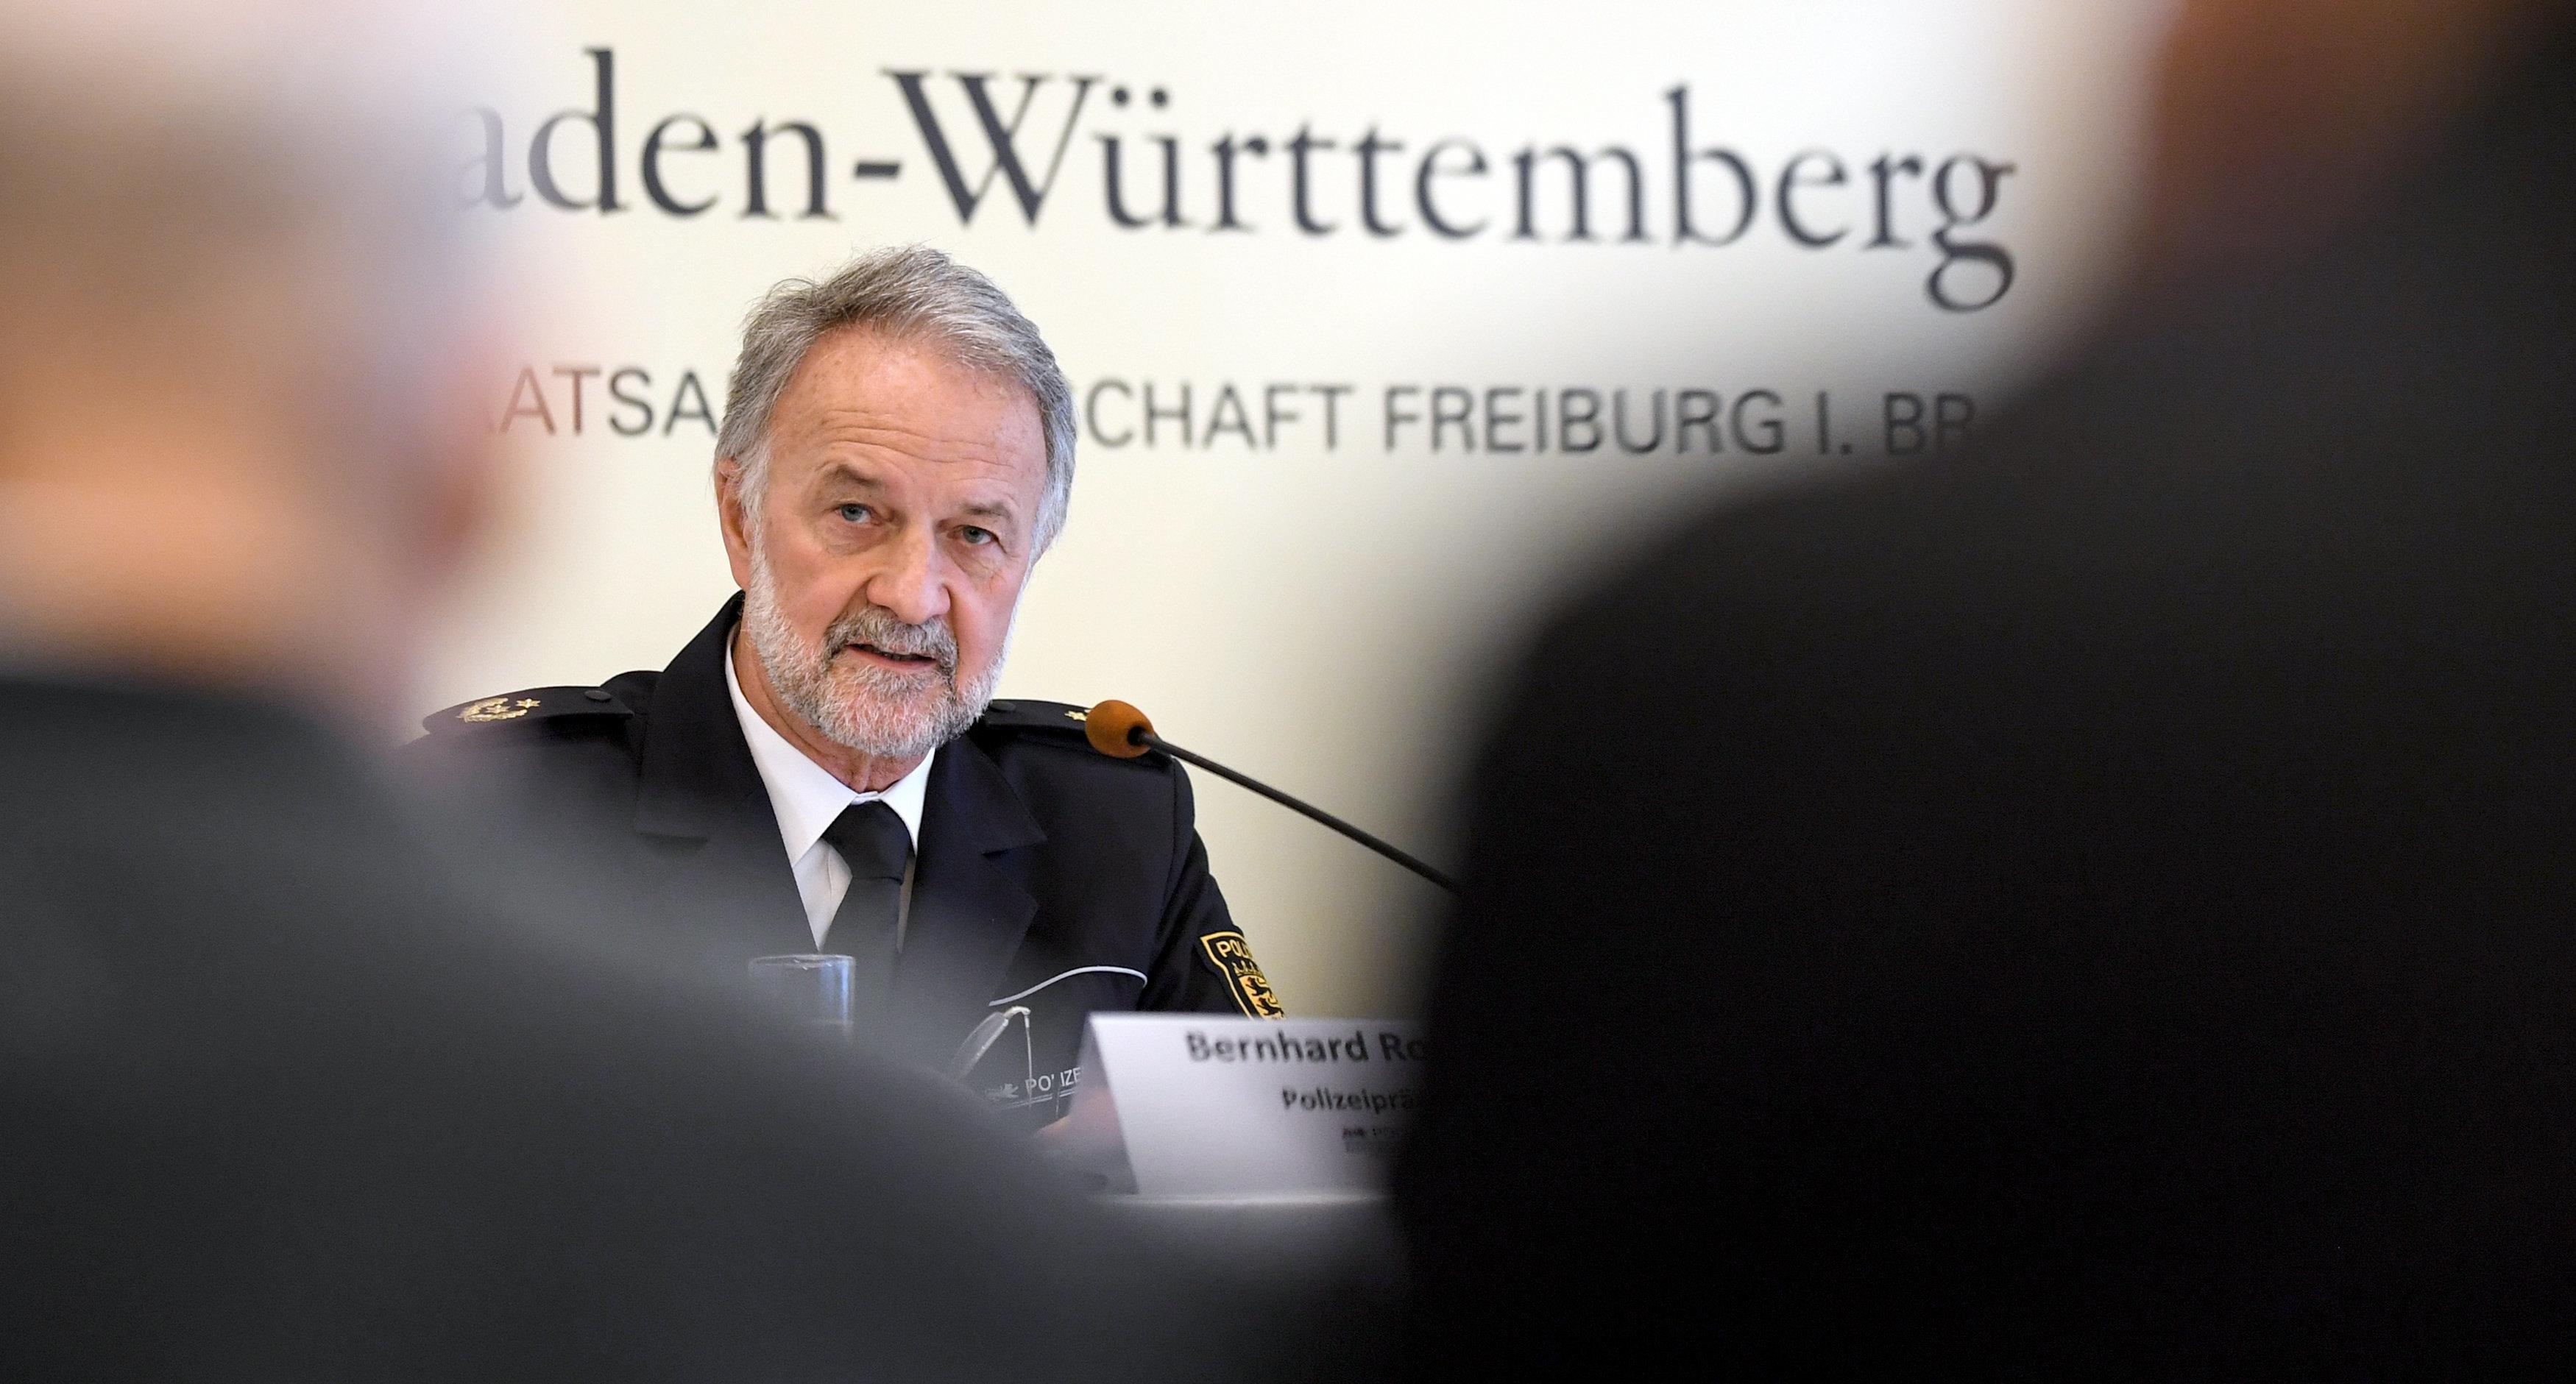 Nach Gruppenvergewaltigung in Freiburg: Ein Satz des Polizeipräsidenten sorgt für